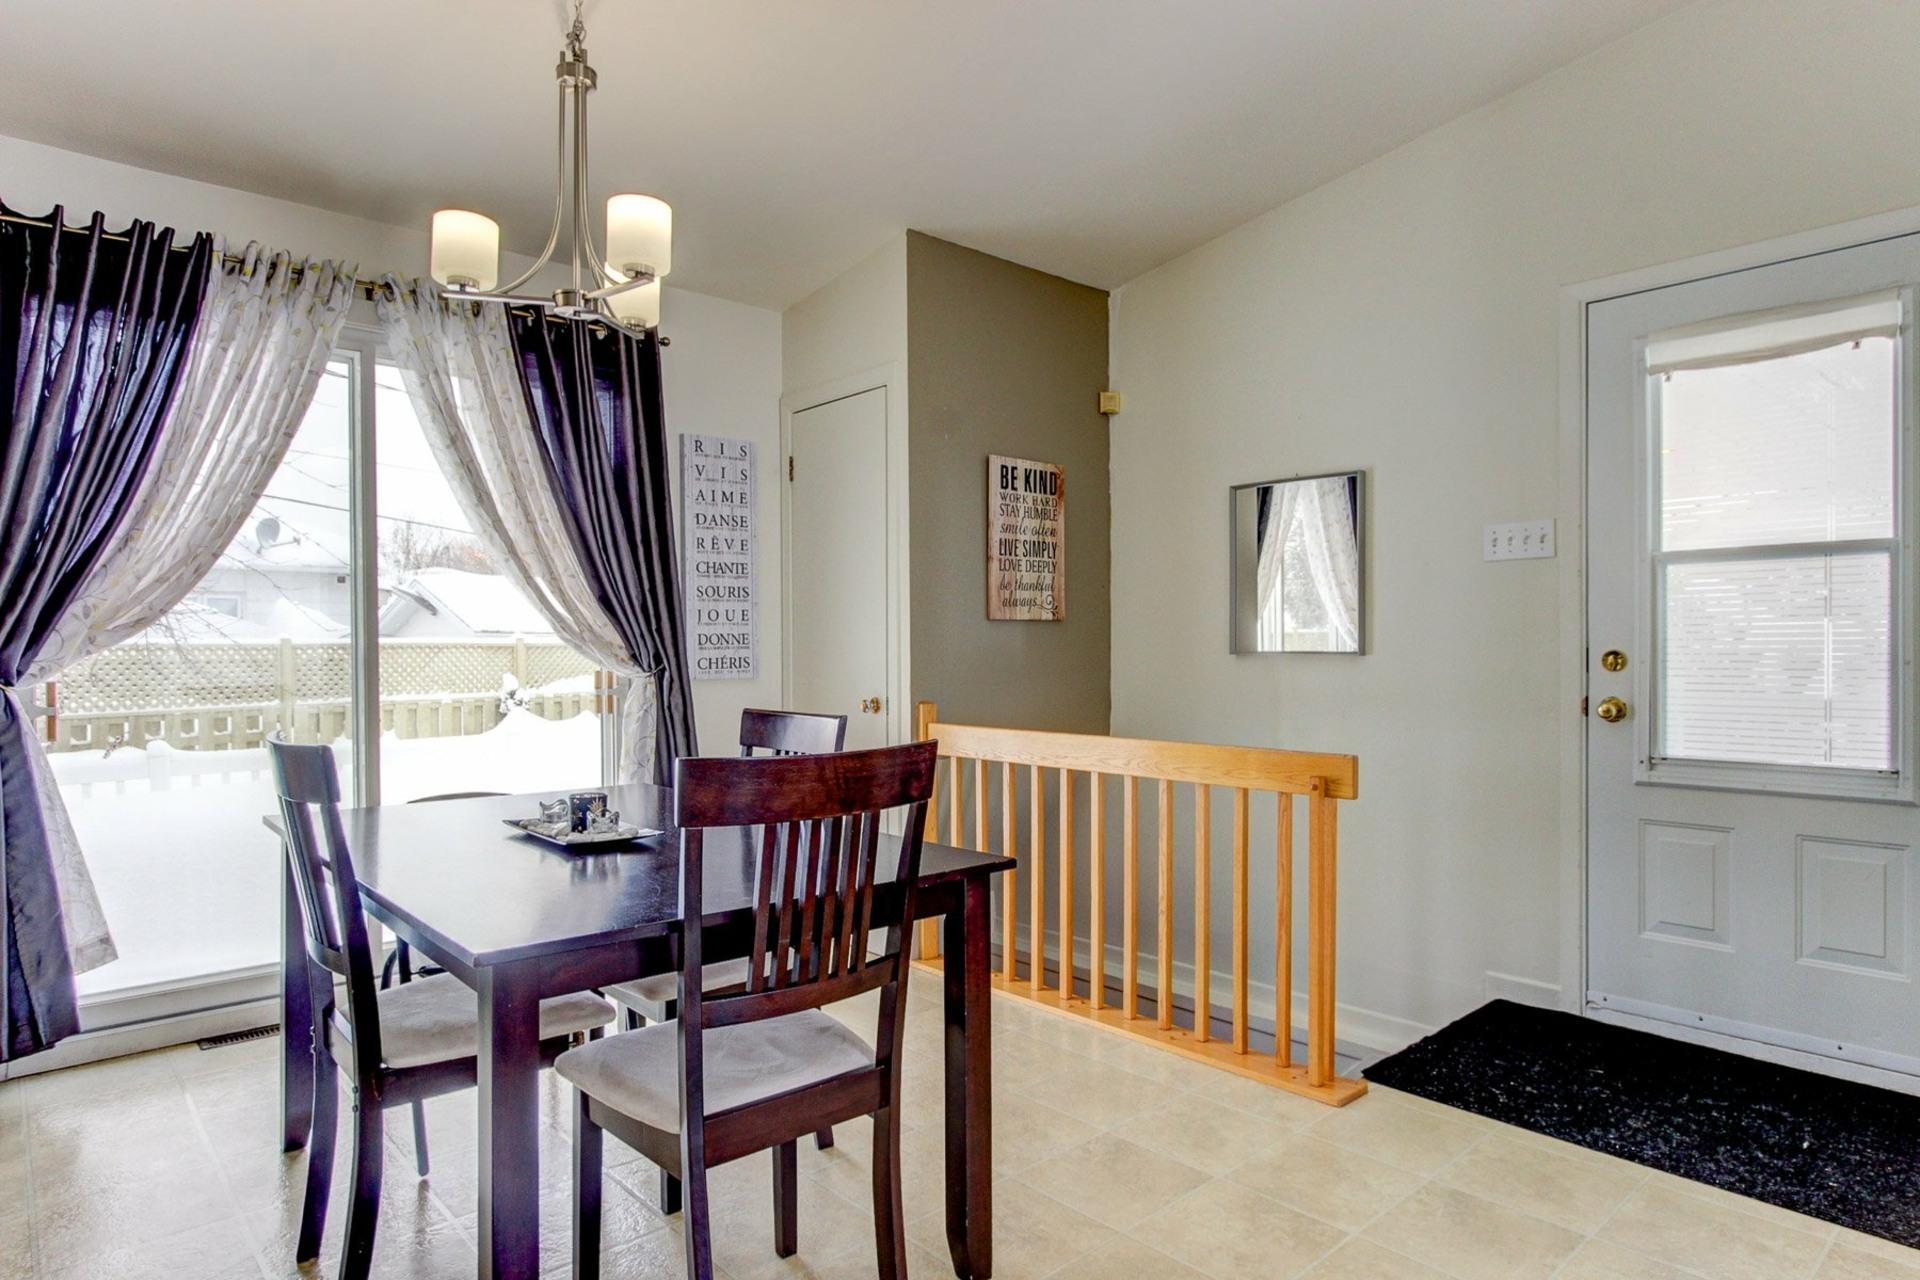 image 5 - Maison À vendre Trois-Rivières - 10 pièces